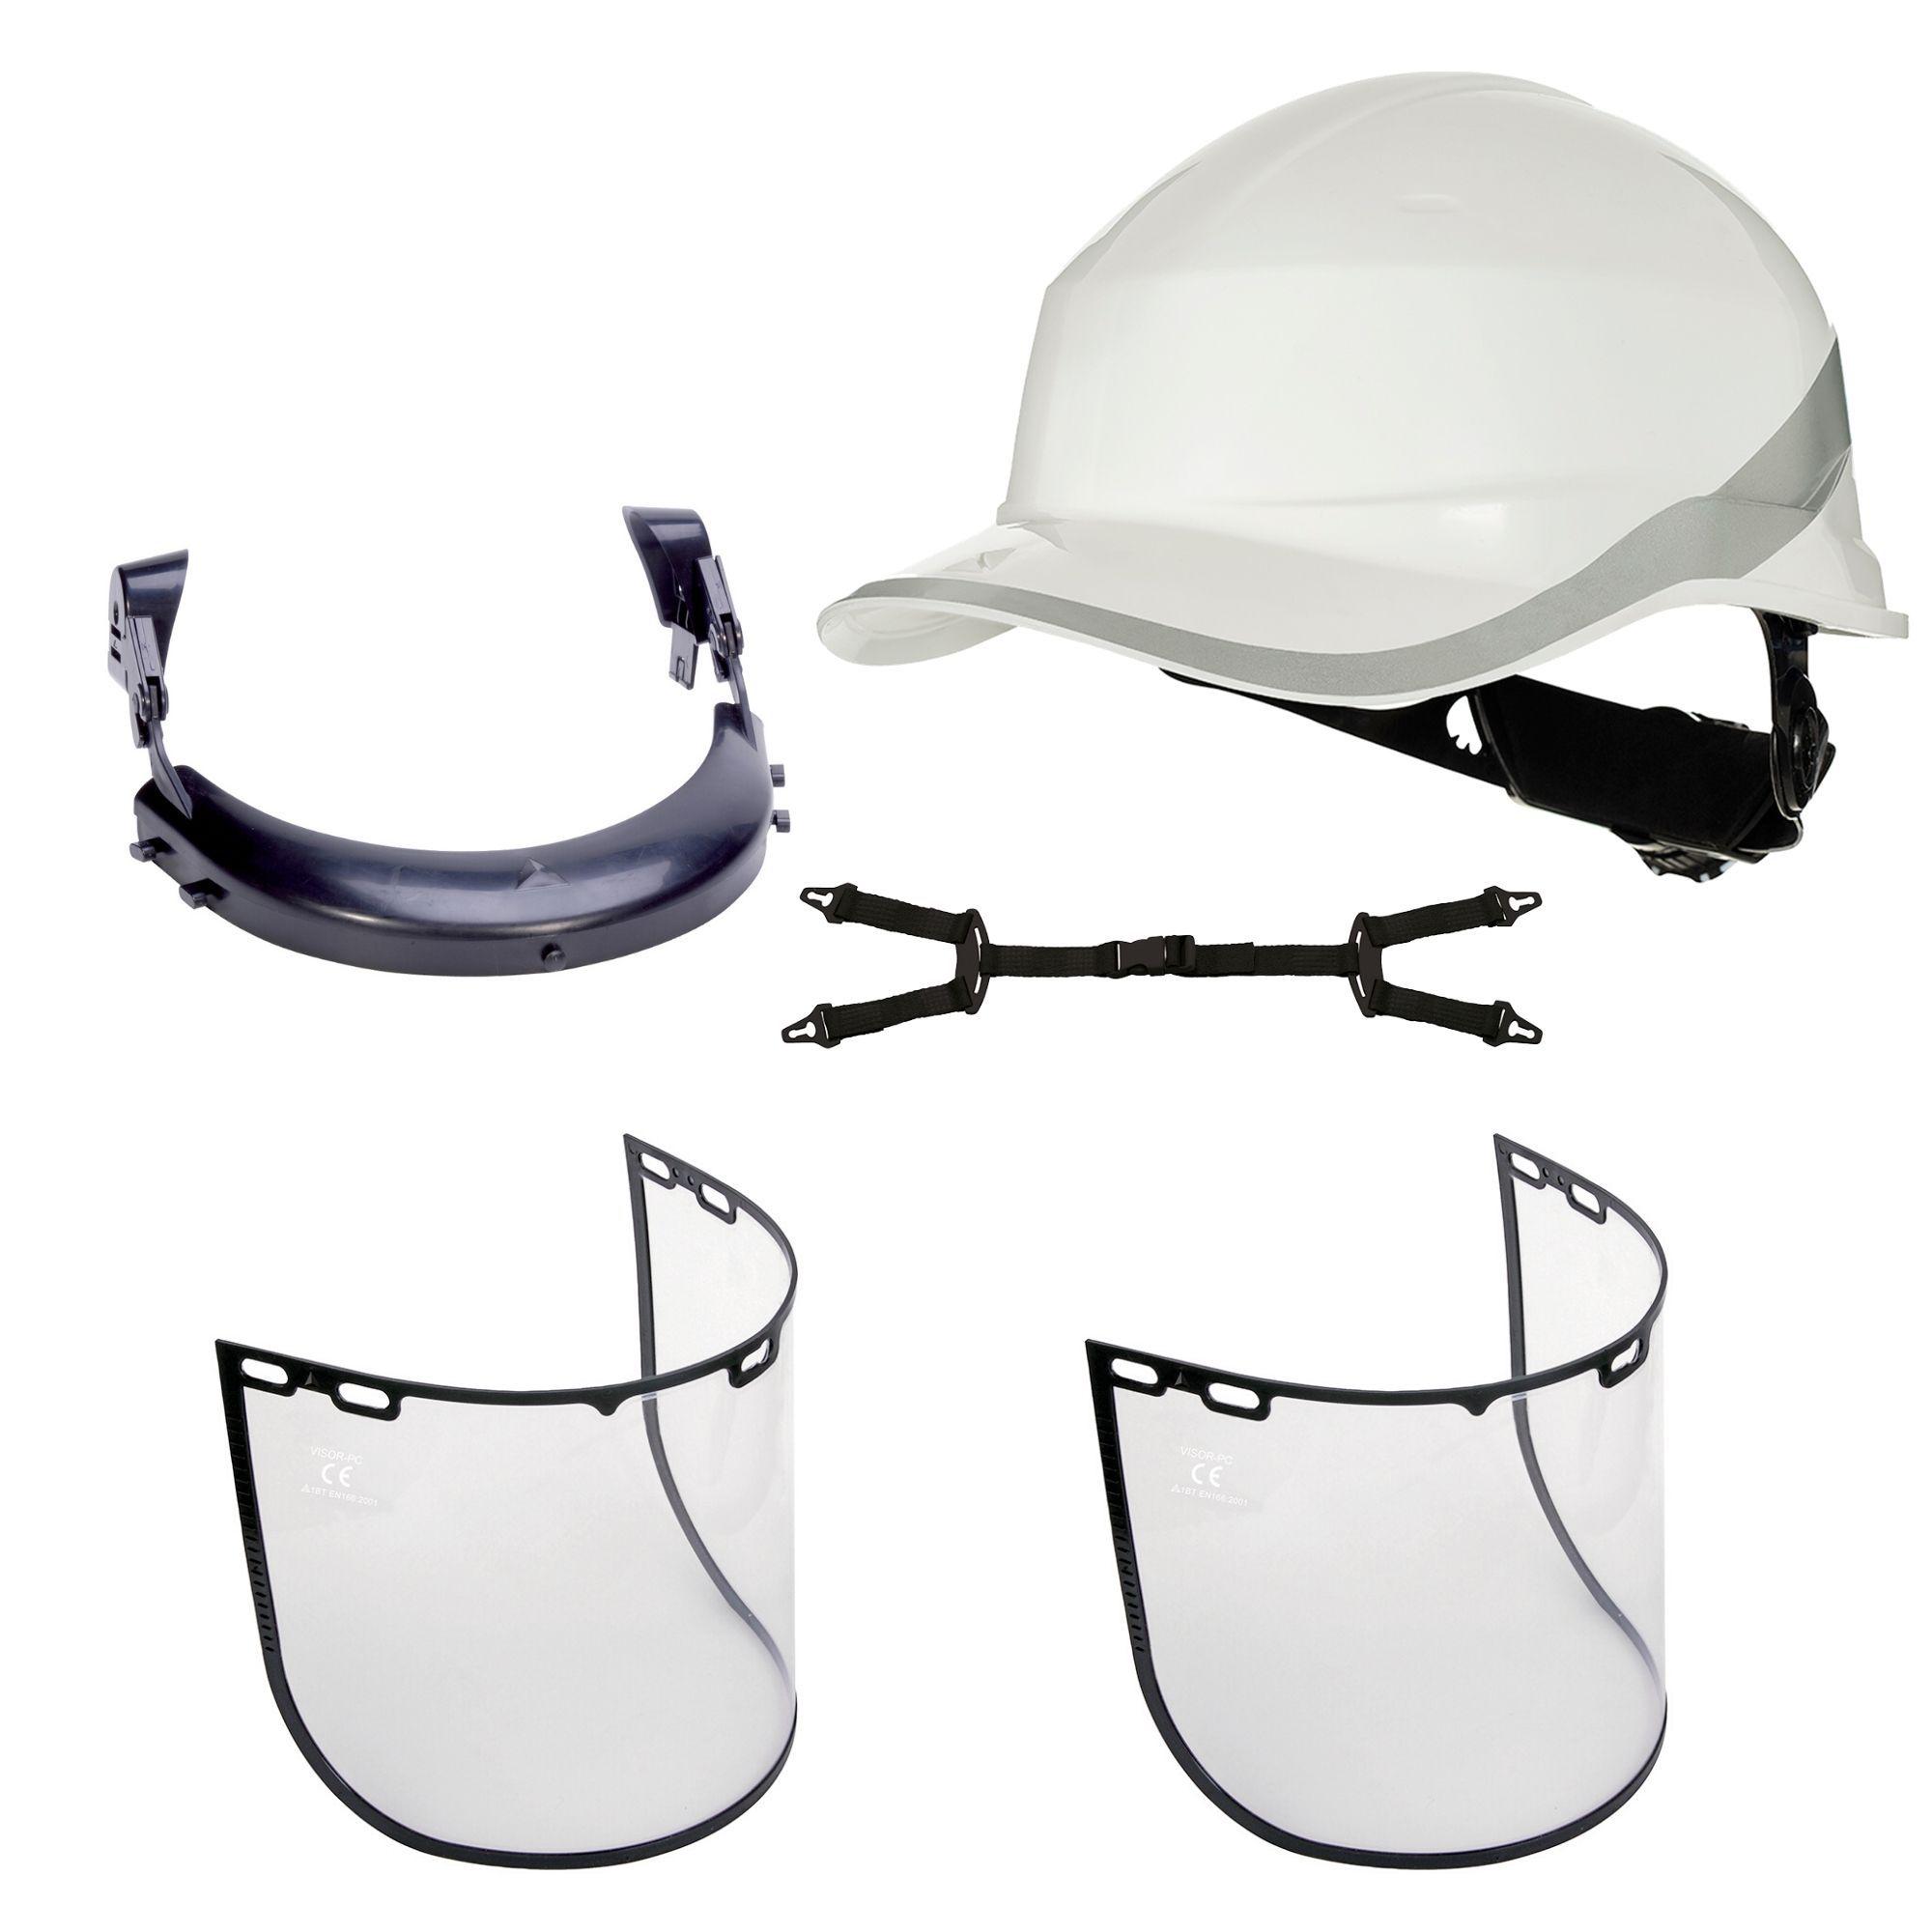 kit de capacete de segurança com suporte e 2peças de viserias  - DIAMOND DELTA PLUS  - DE PAULA EPI